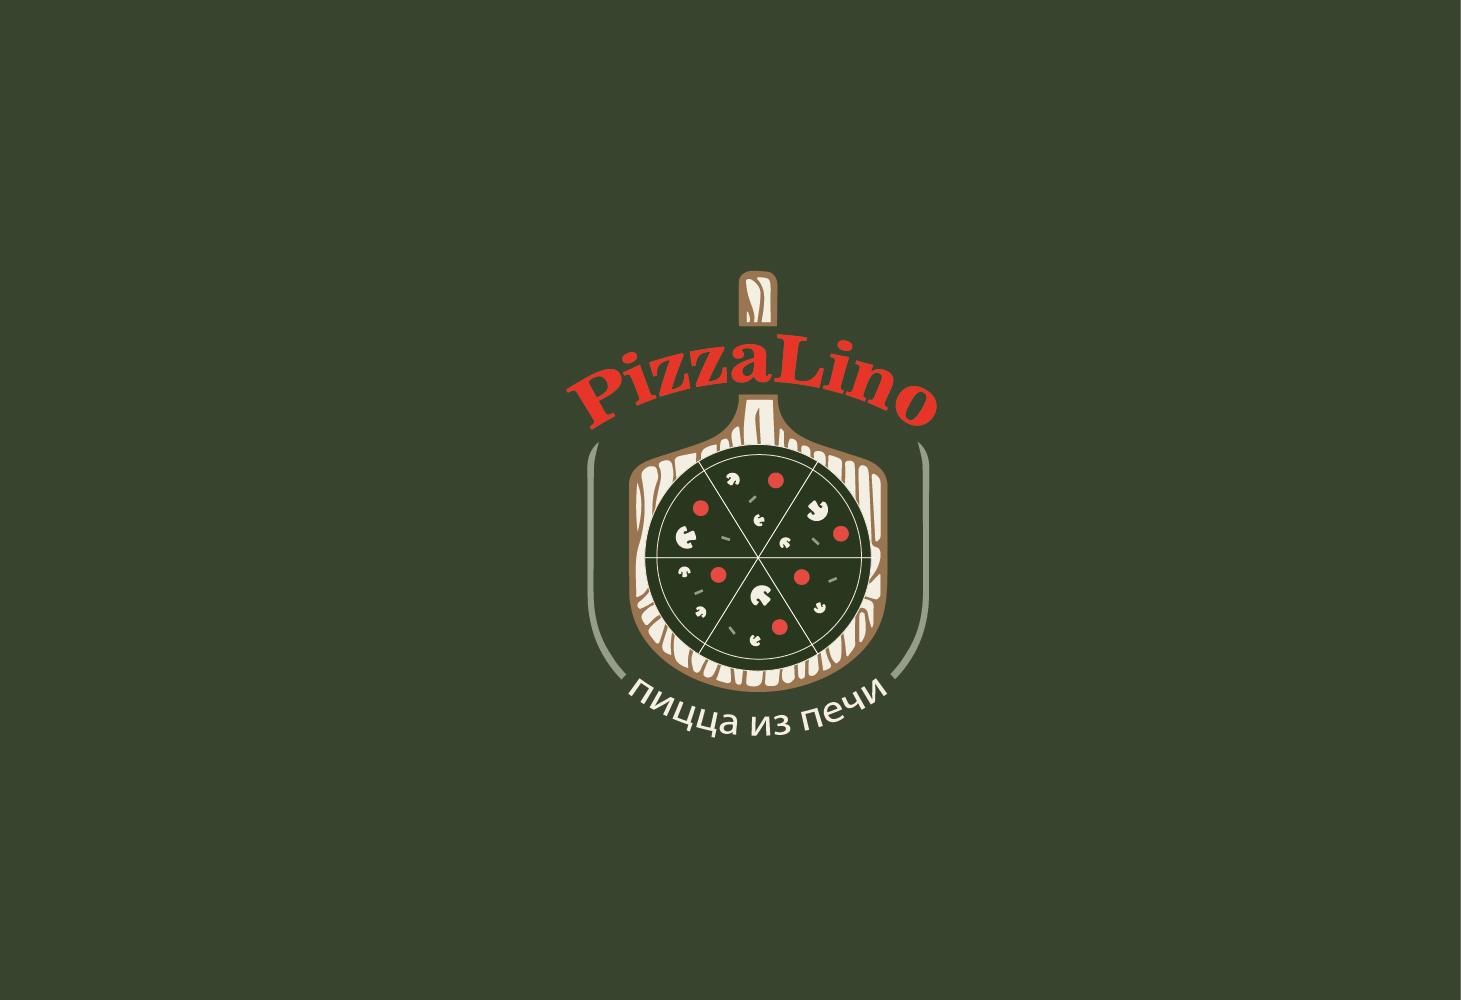 PizzaLino пицца из печи